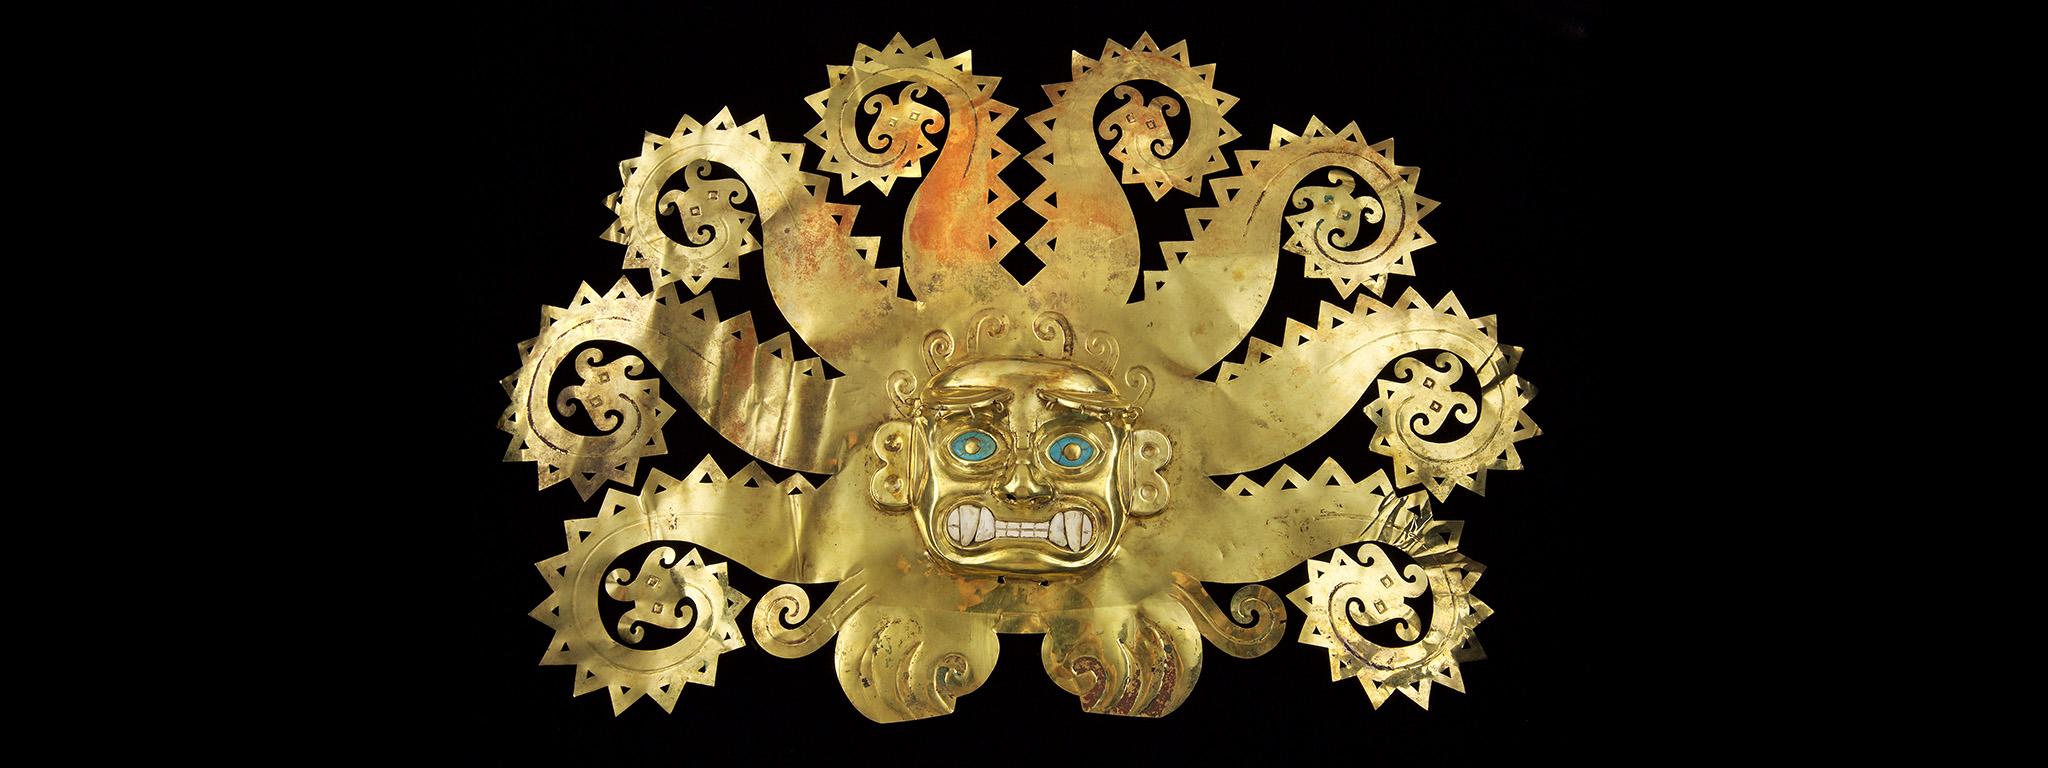 Mayan gold artifacts